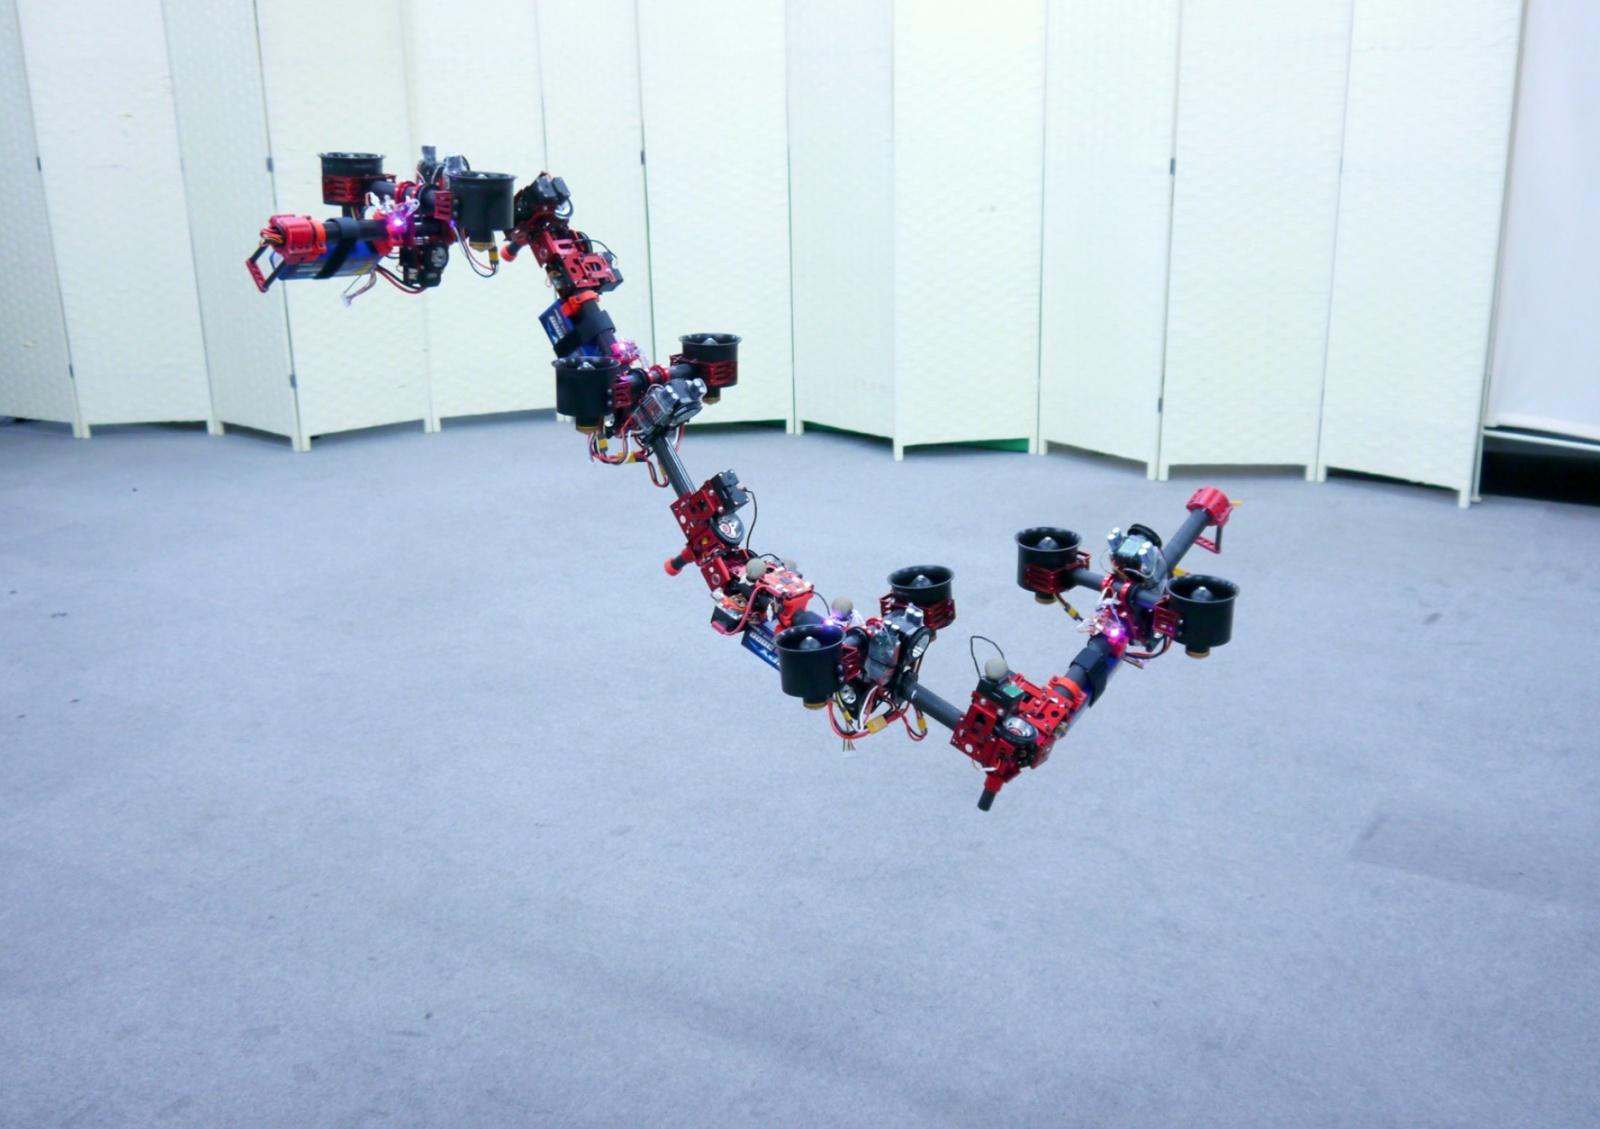 Летающий робот меняет форму в воздухе - 1